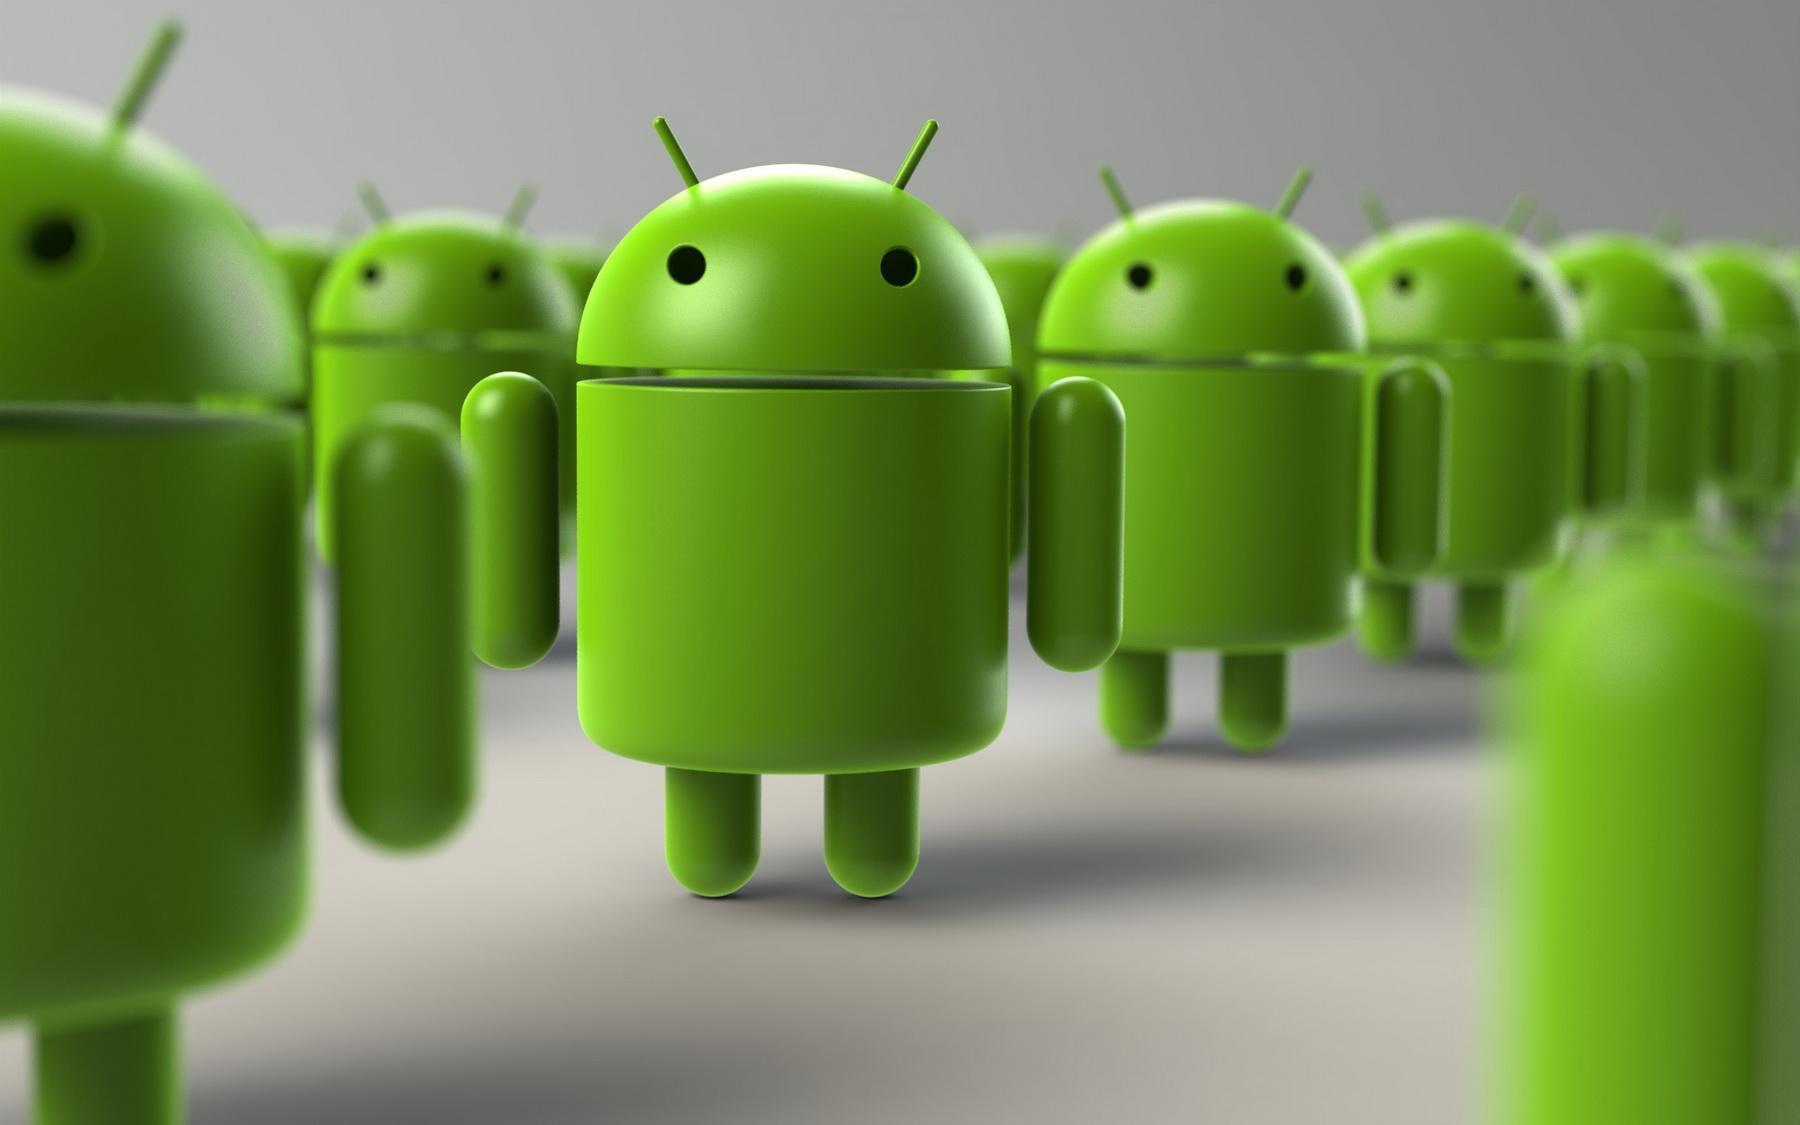 Баг в Android позволяет фиксировать все происходящее на экране и записывать аудио на 3 устройствах из 4